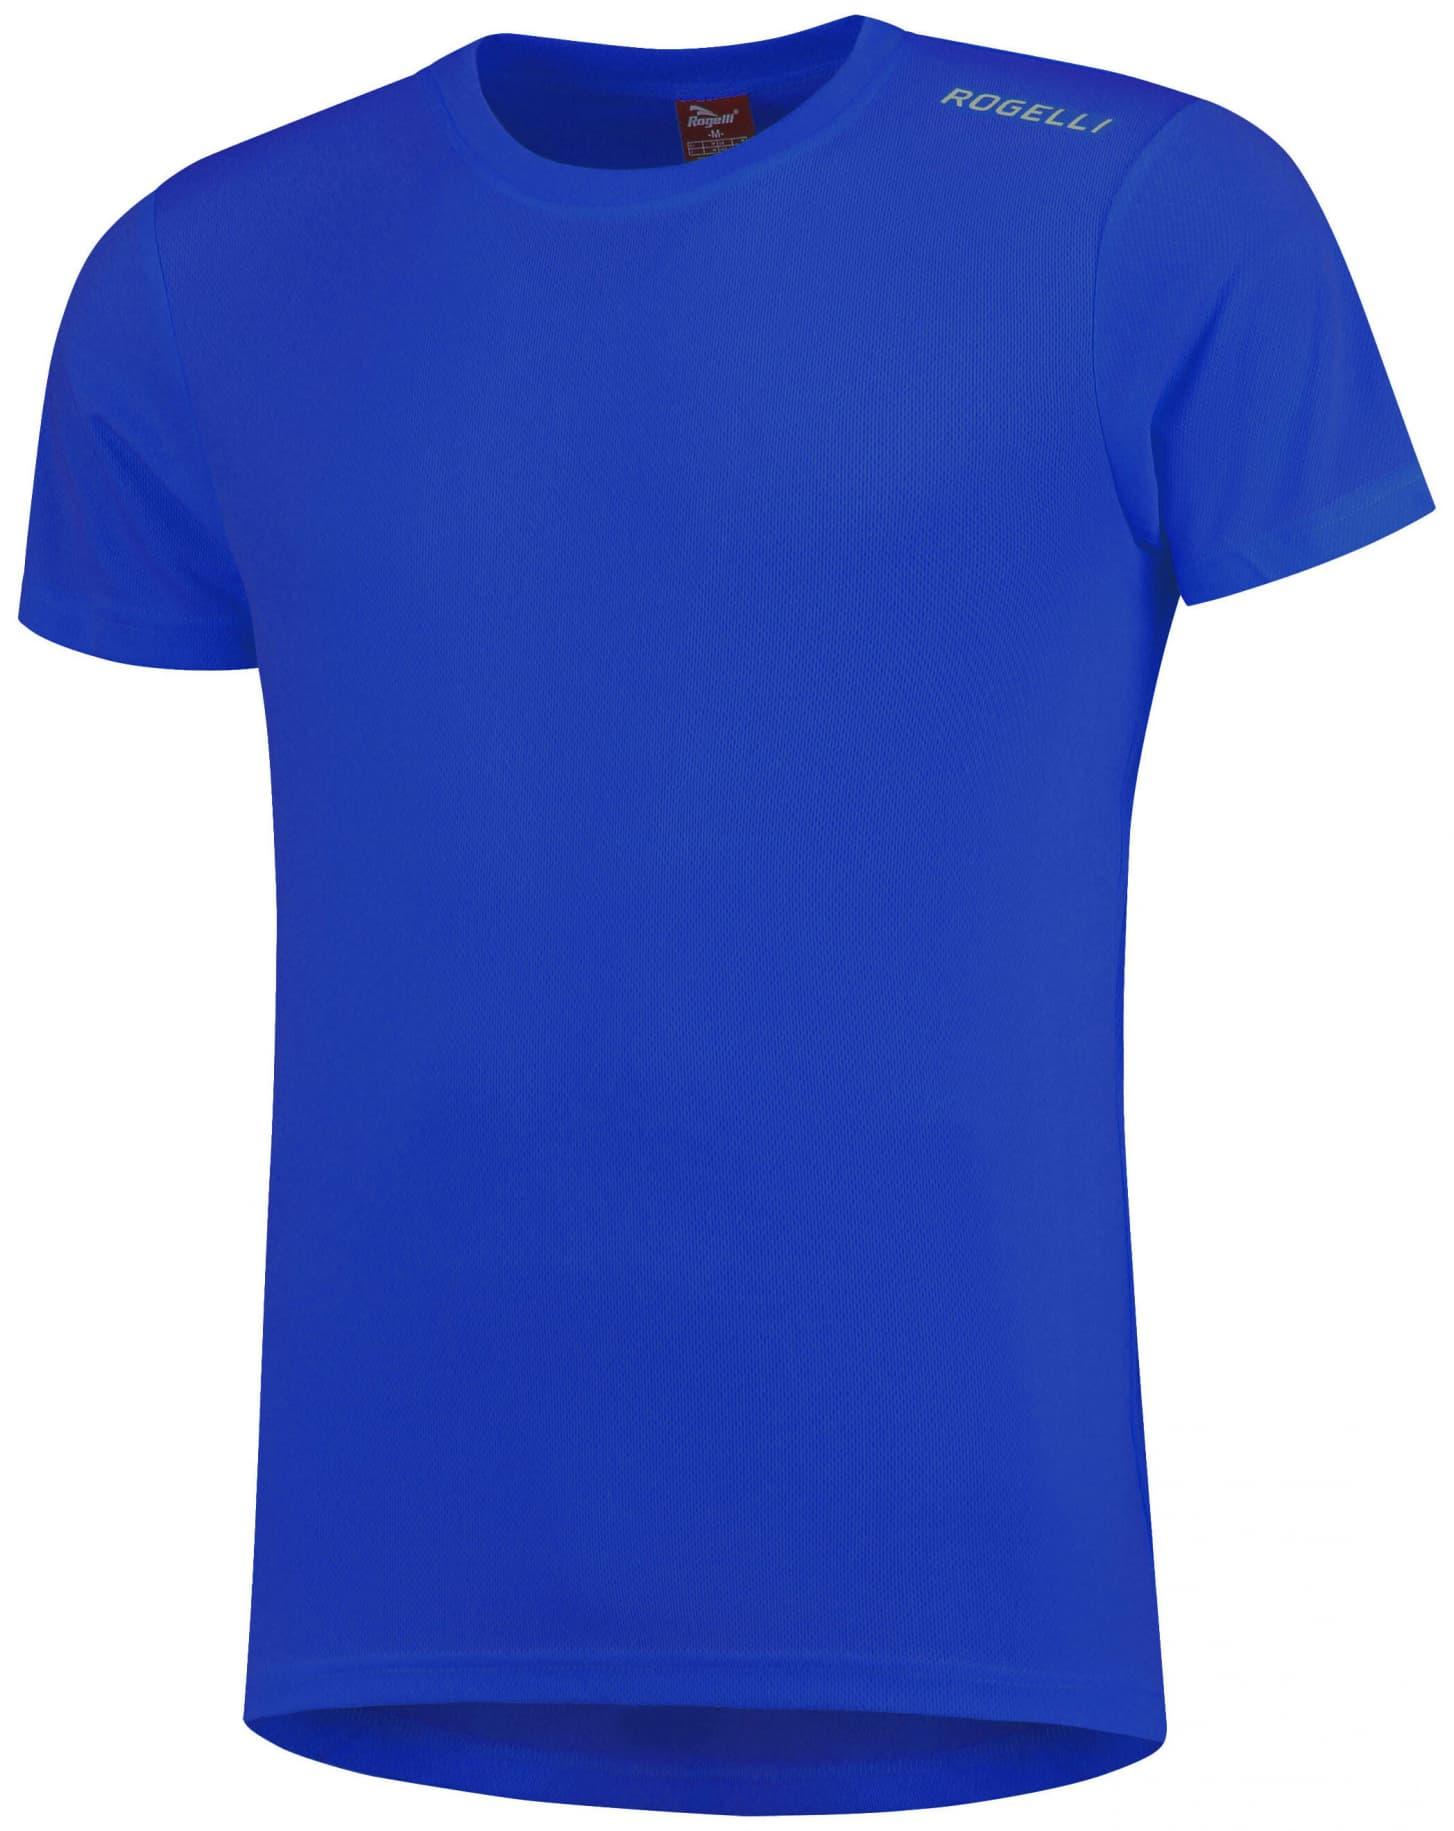 Funkcjonalna koszulka Rogelli PROMOTION dziecięca, niebieska